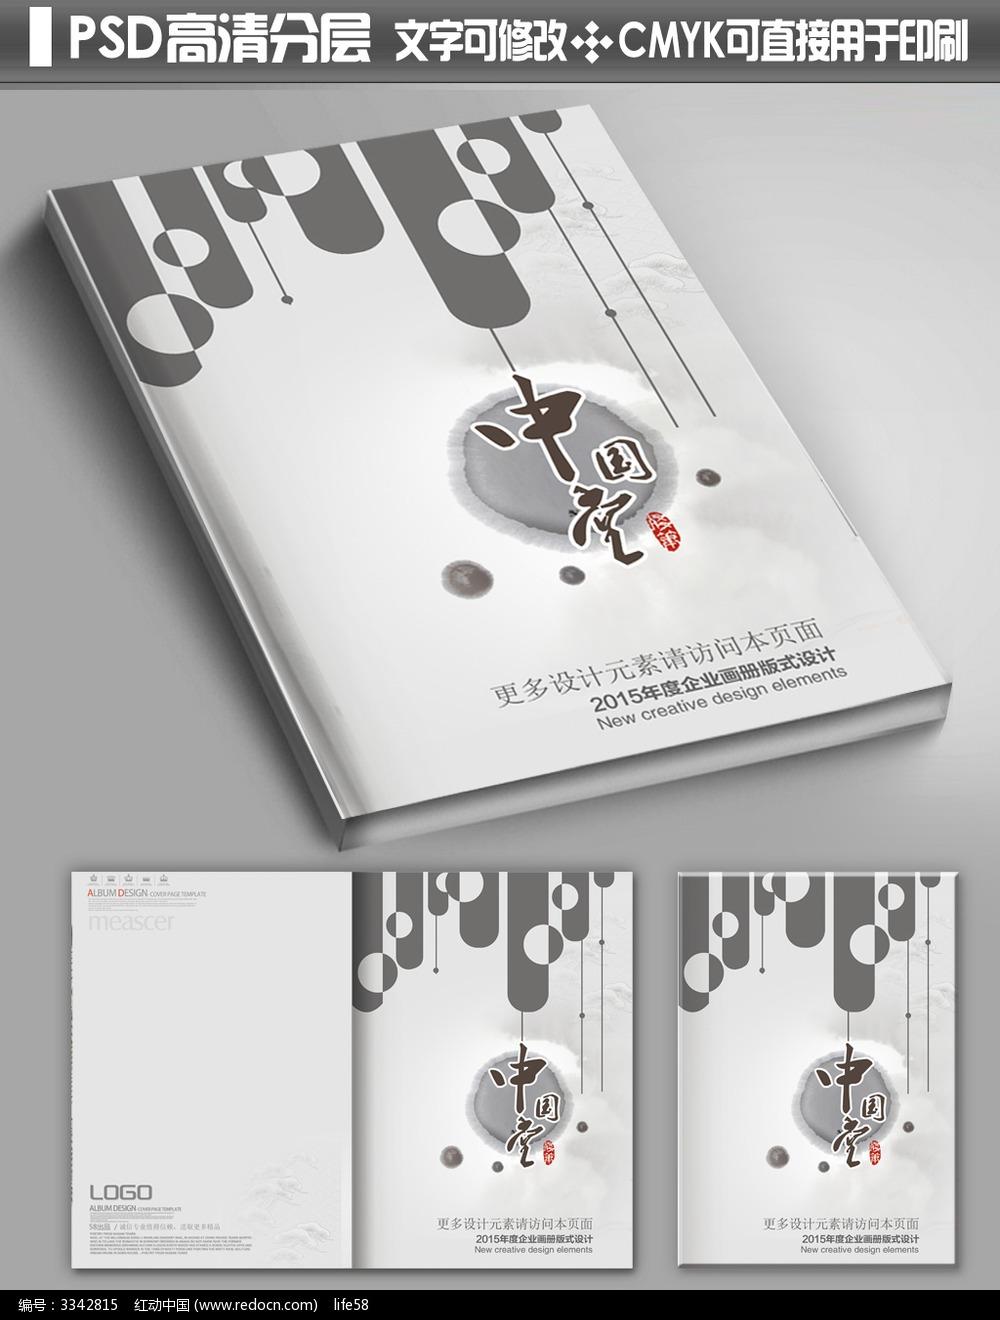 原创设计稿 画册设计/书籍/菜谱 封面设计 传统中国风水墨画册封面图片